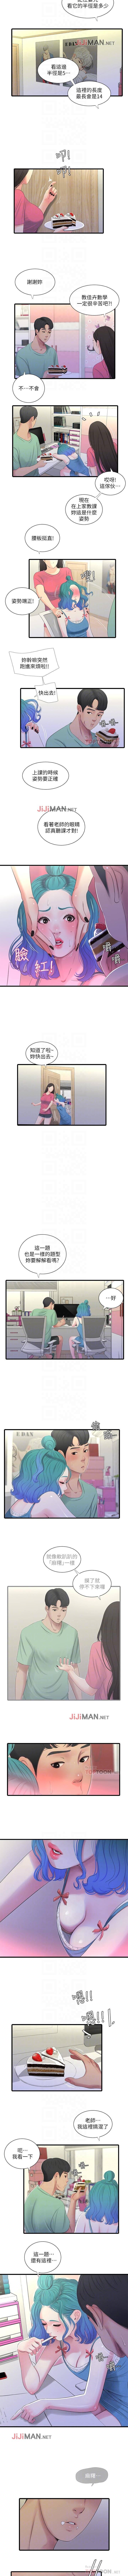 【周四连载】亲家四姐妹(作者:愛摸) 第1~27话 111